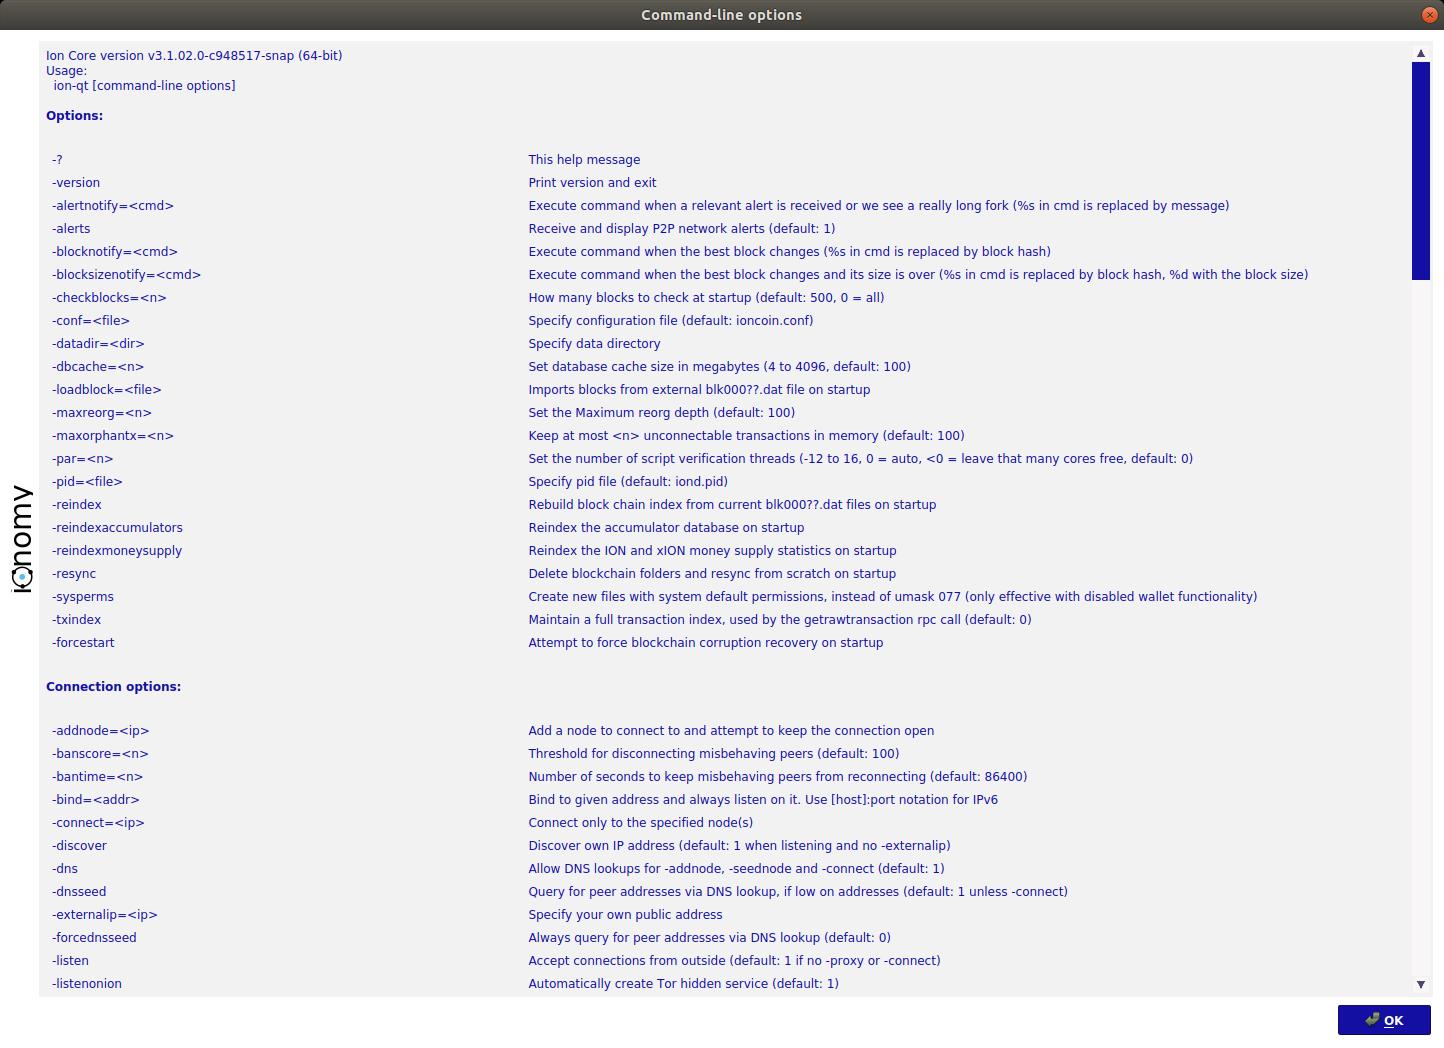 uApp Explorer - ioncore